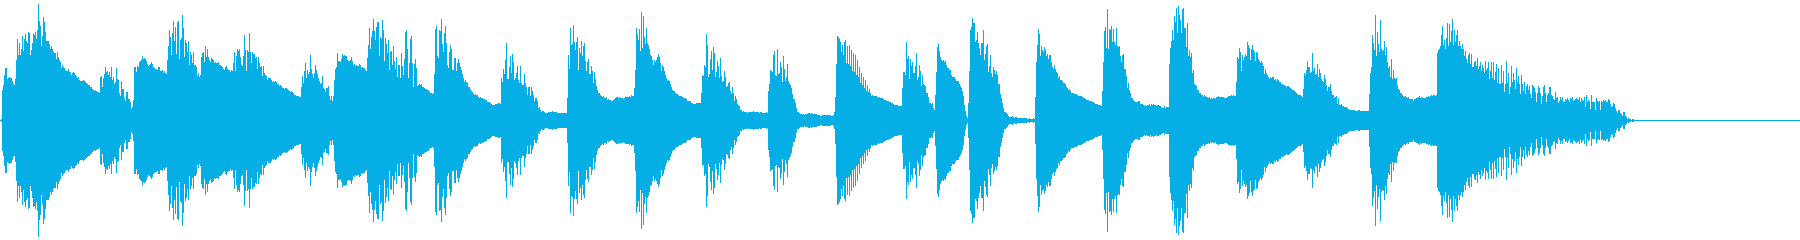 ピアノ・シンプル・ワルツ・クッキングの再生済みの波形